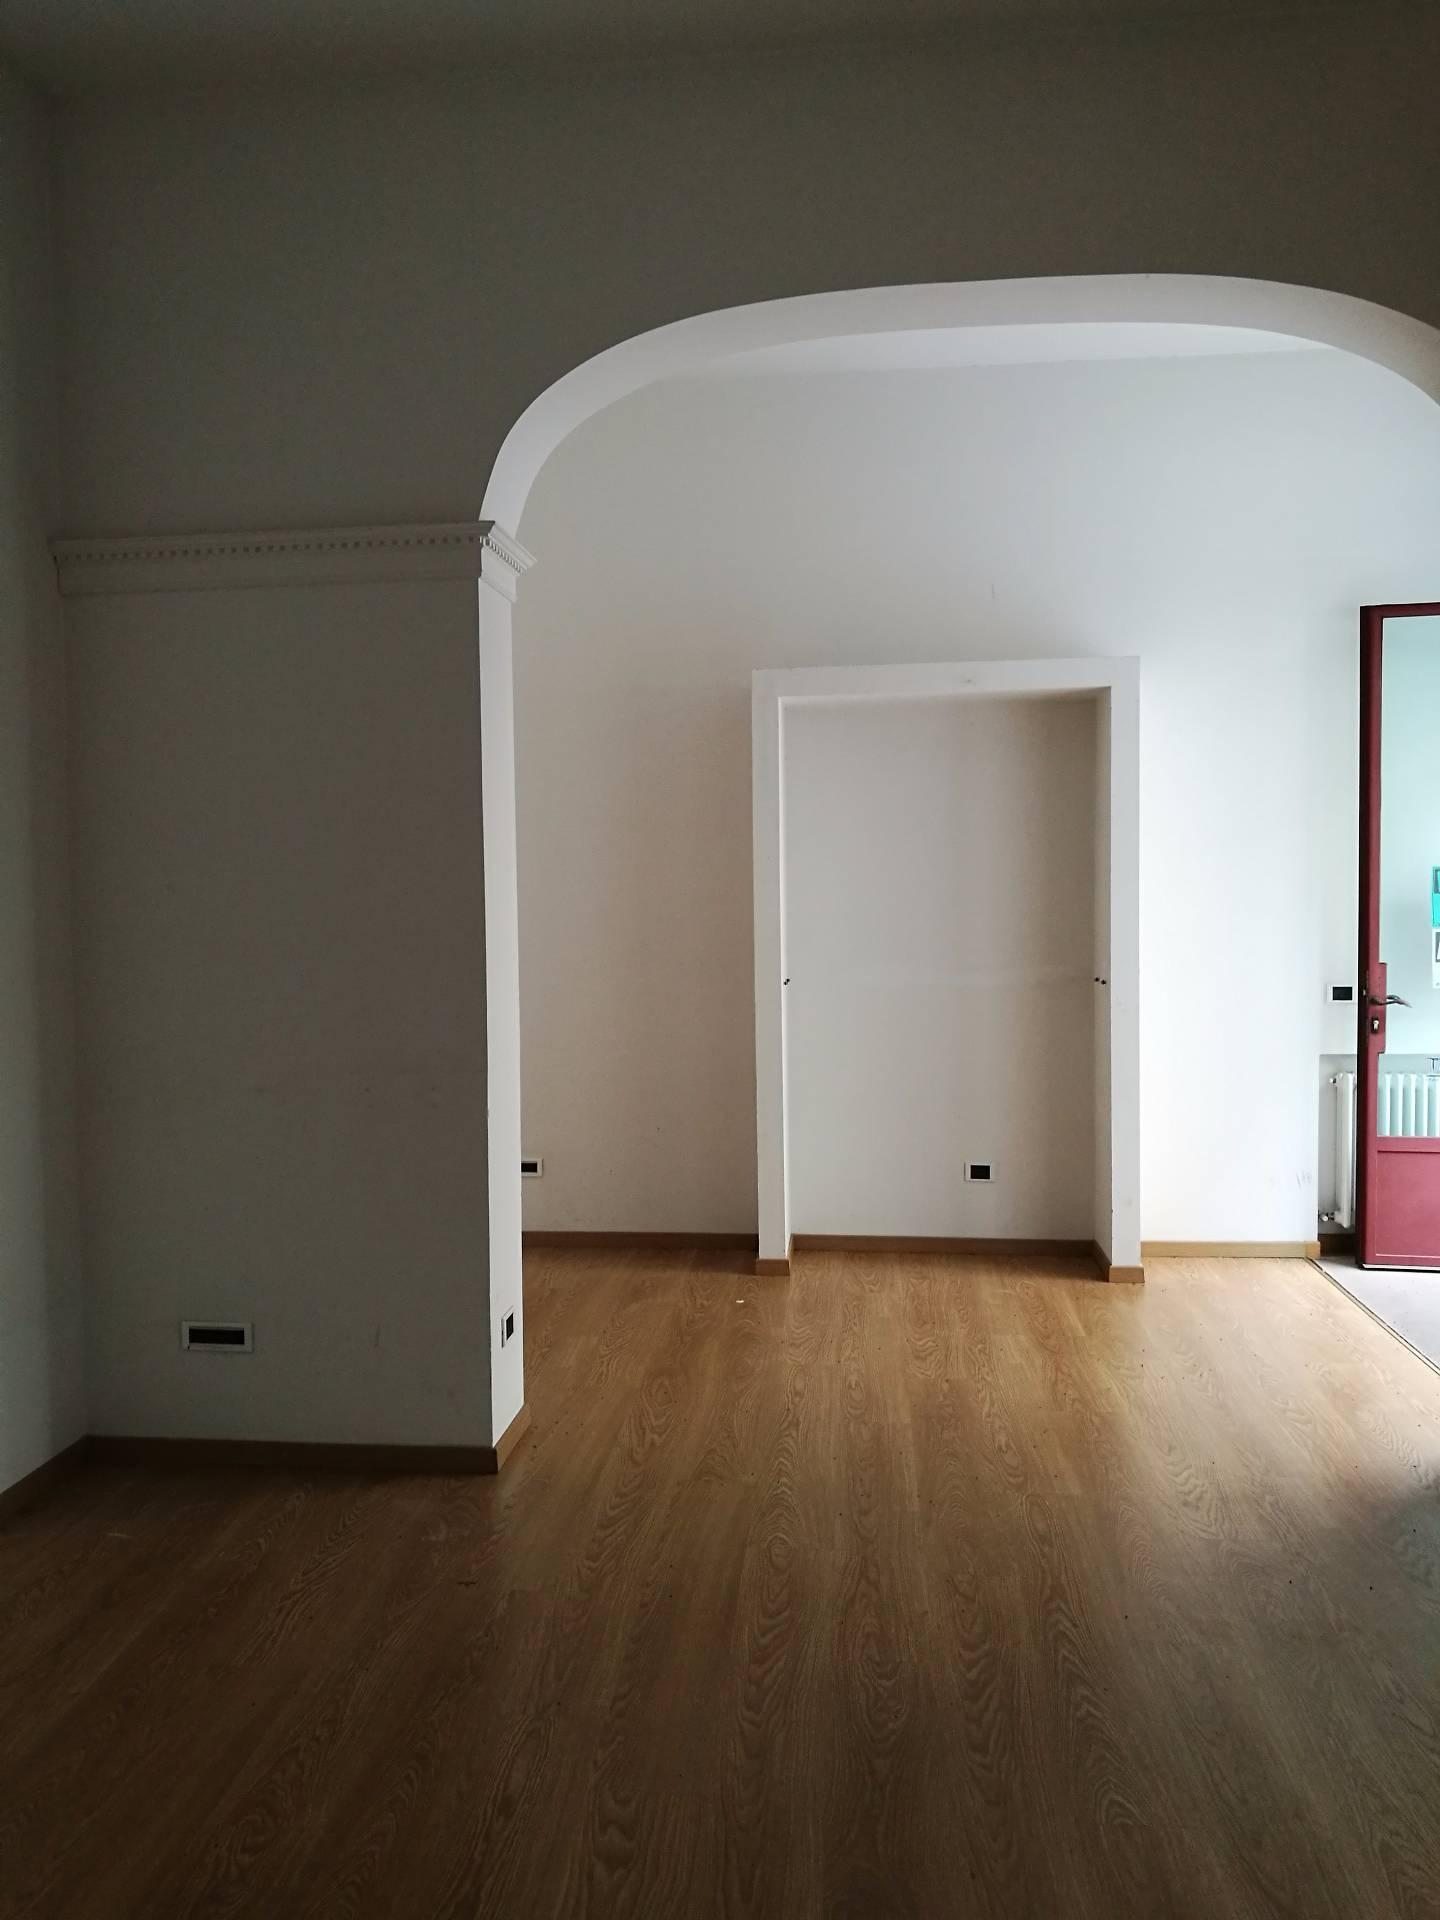 Negozio / Locale in affitto a Lugo, 9999 locali, zona Località: centro, prezzo € 500   CambioCasa.it